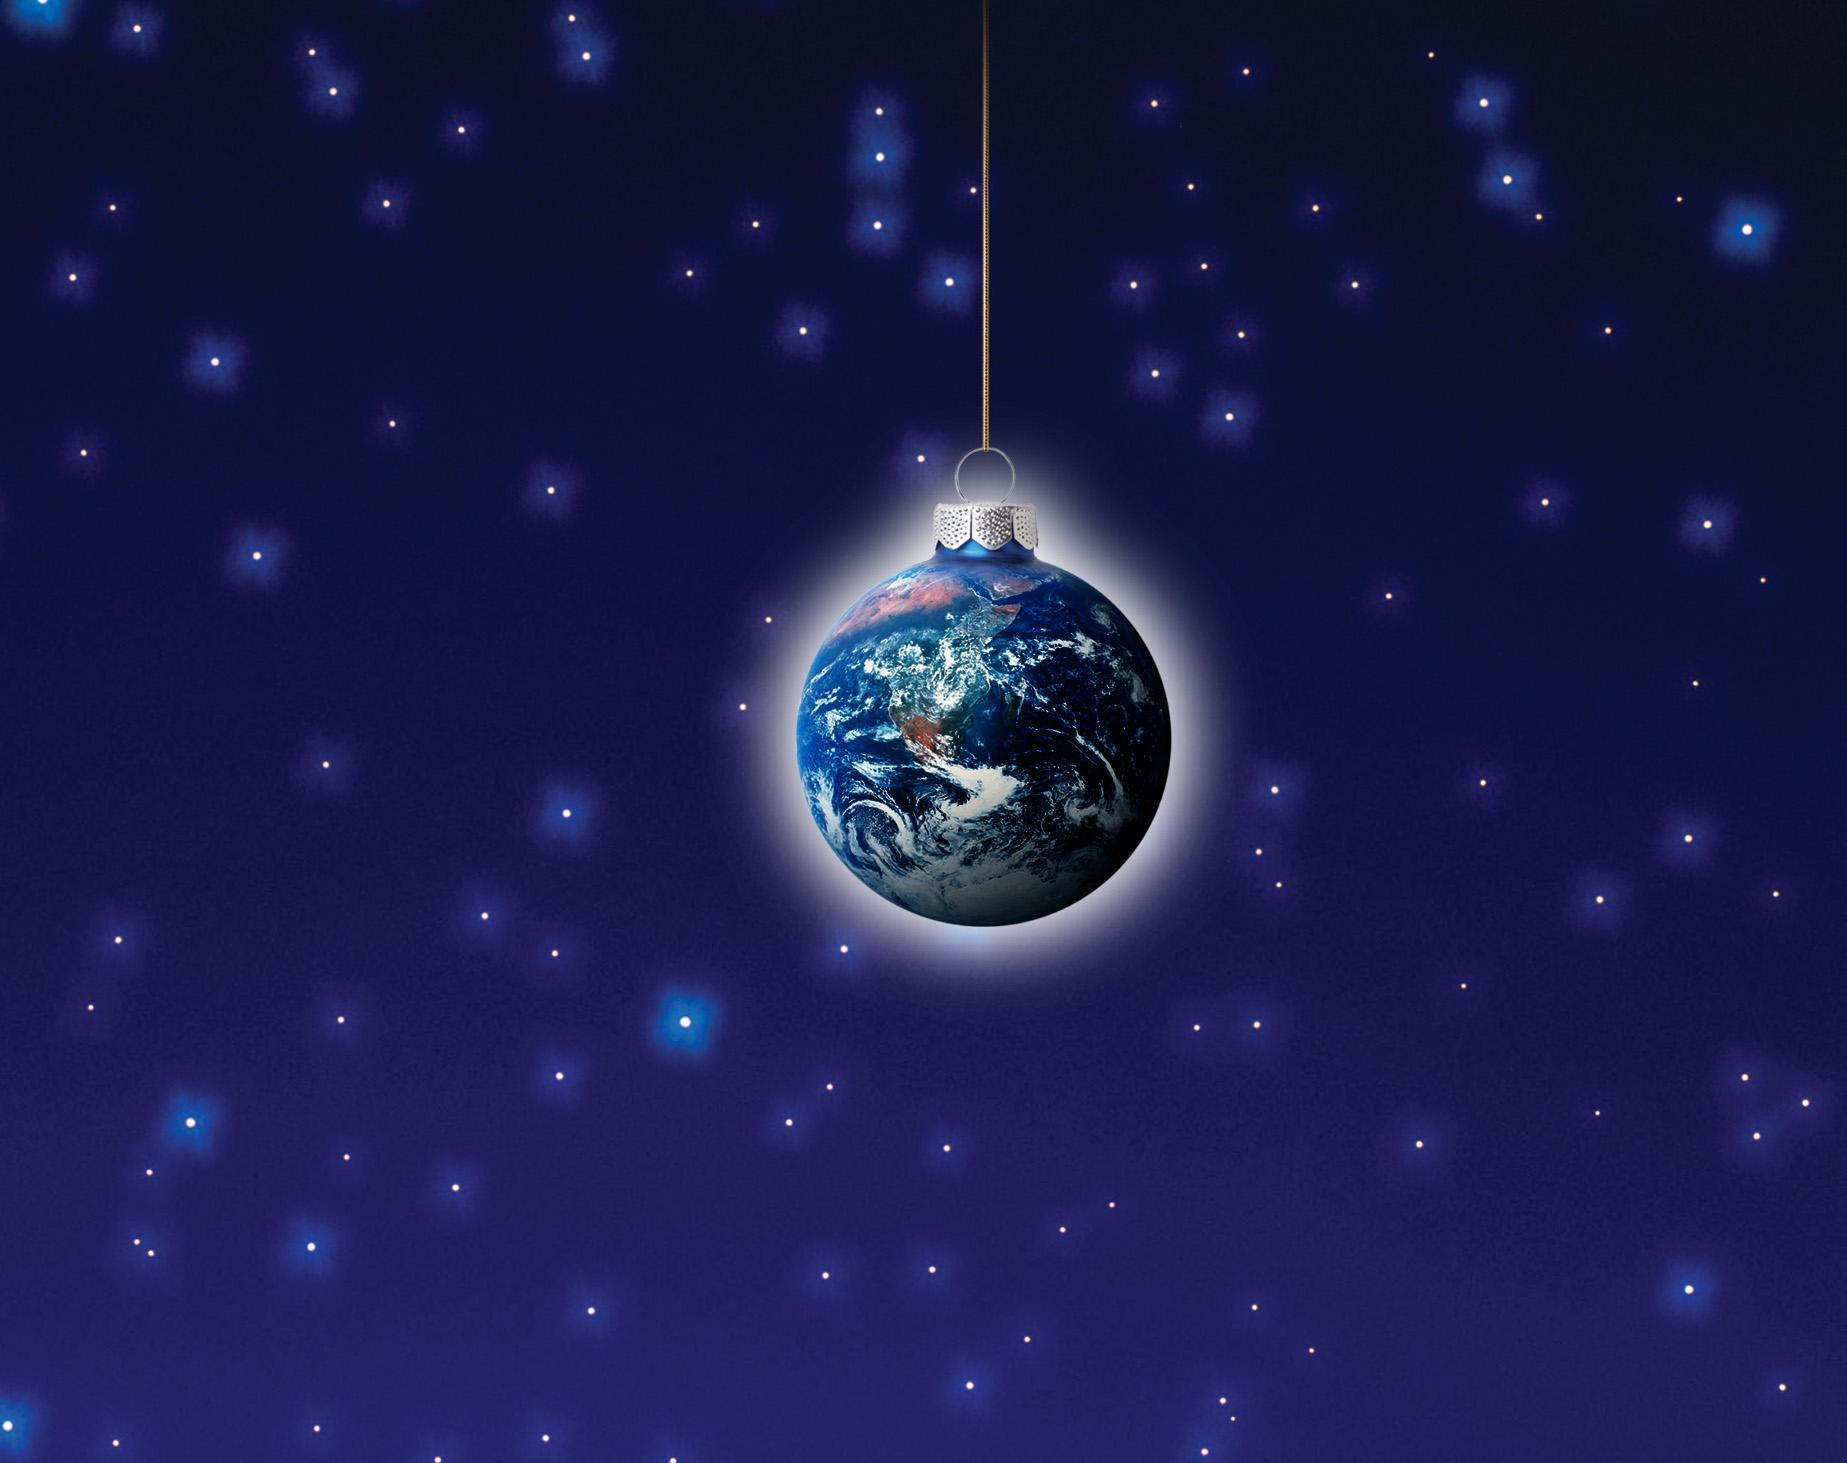 peace on earth goodwill toward men please cbcrva - Peace On Earth Christmas Cards